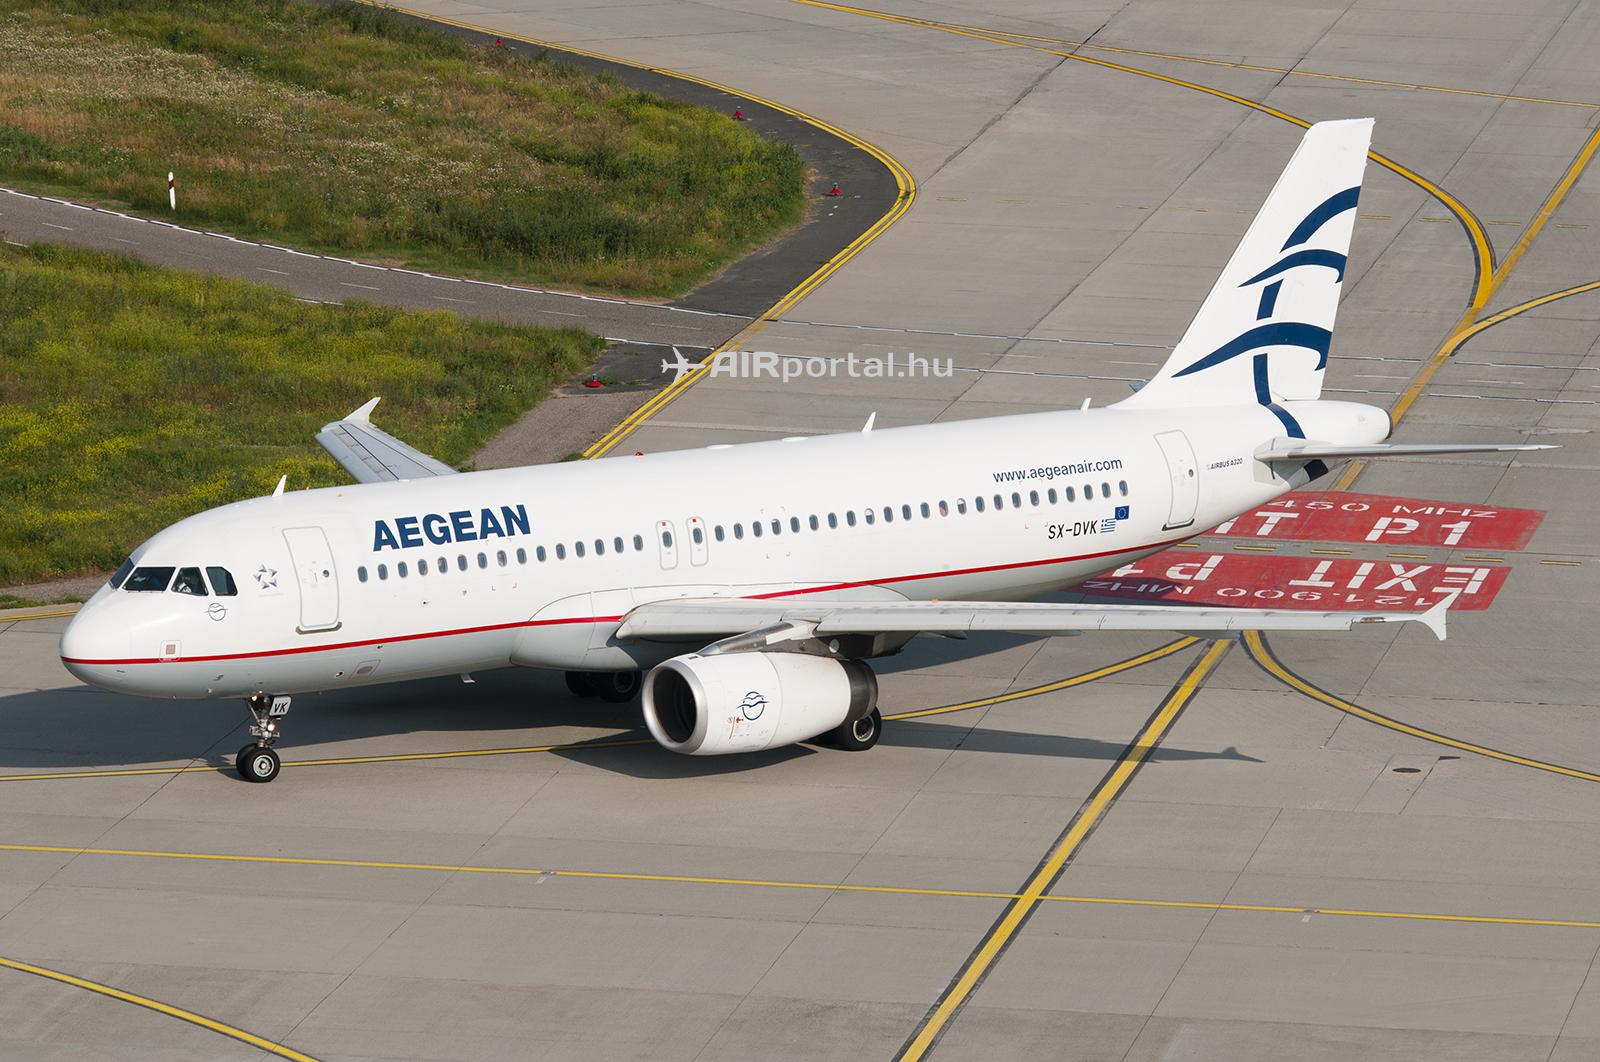 Az Aegean Airlines Airbus A320 típusú repülőgépe a Liszt Ferenc repülőtéren. (Fotó: AIRportal.hu)   © AIRportal.hu